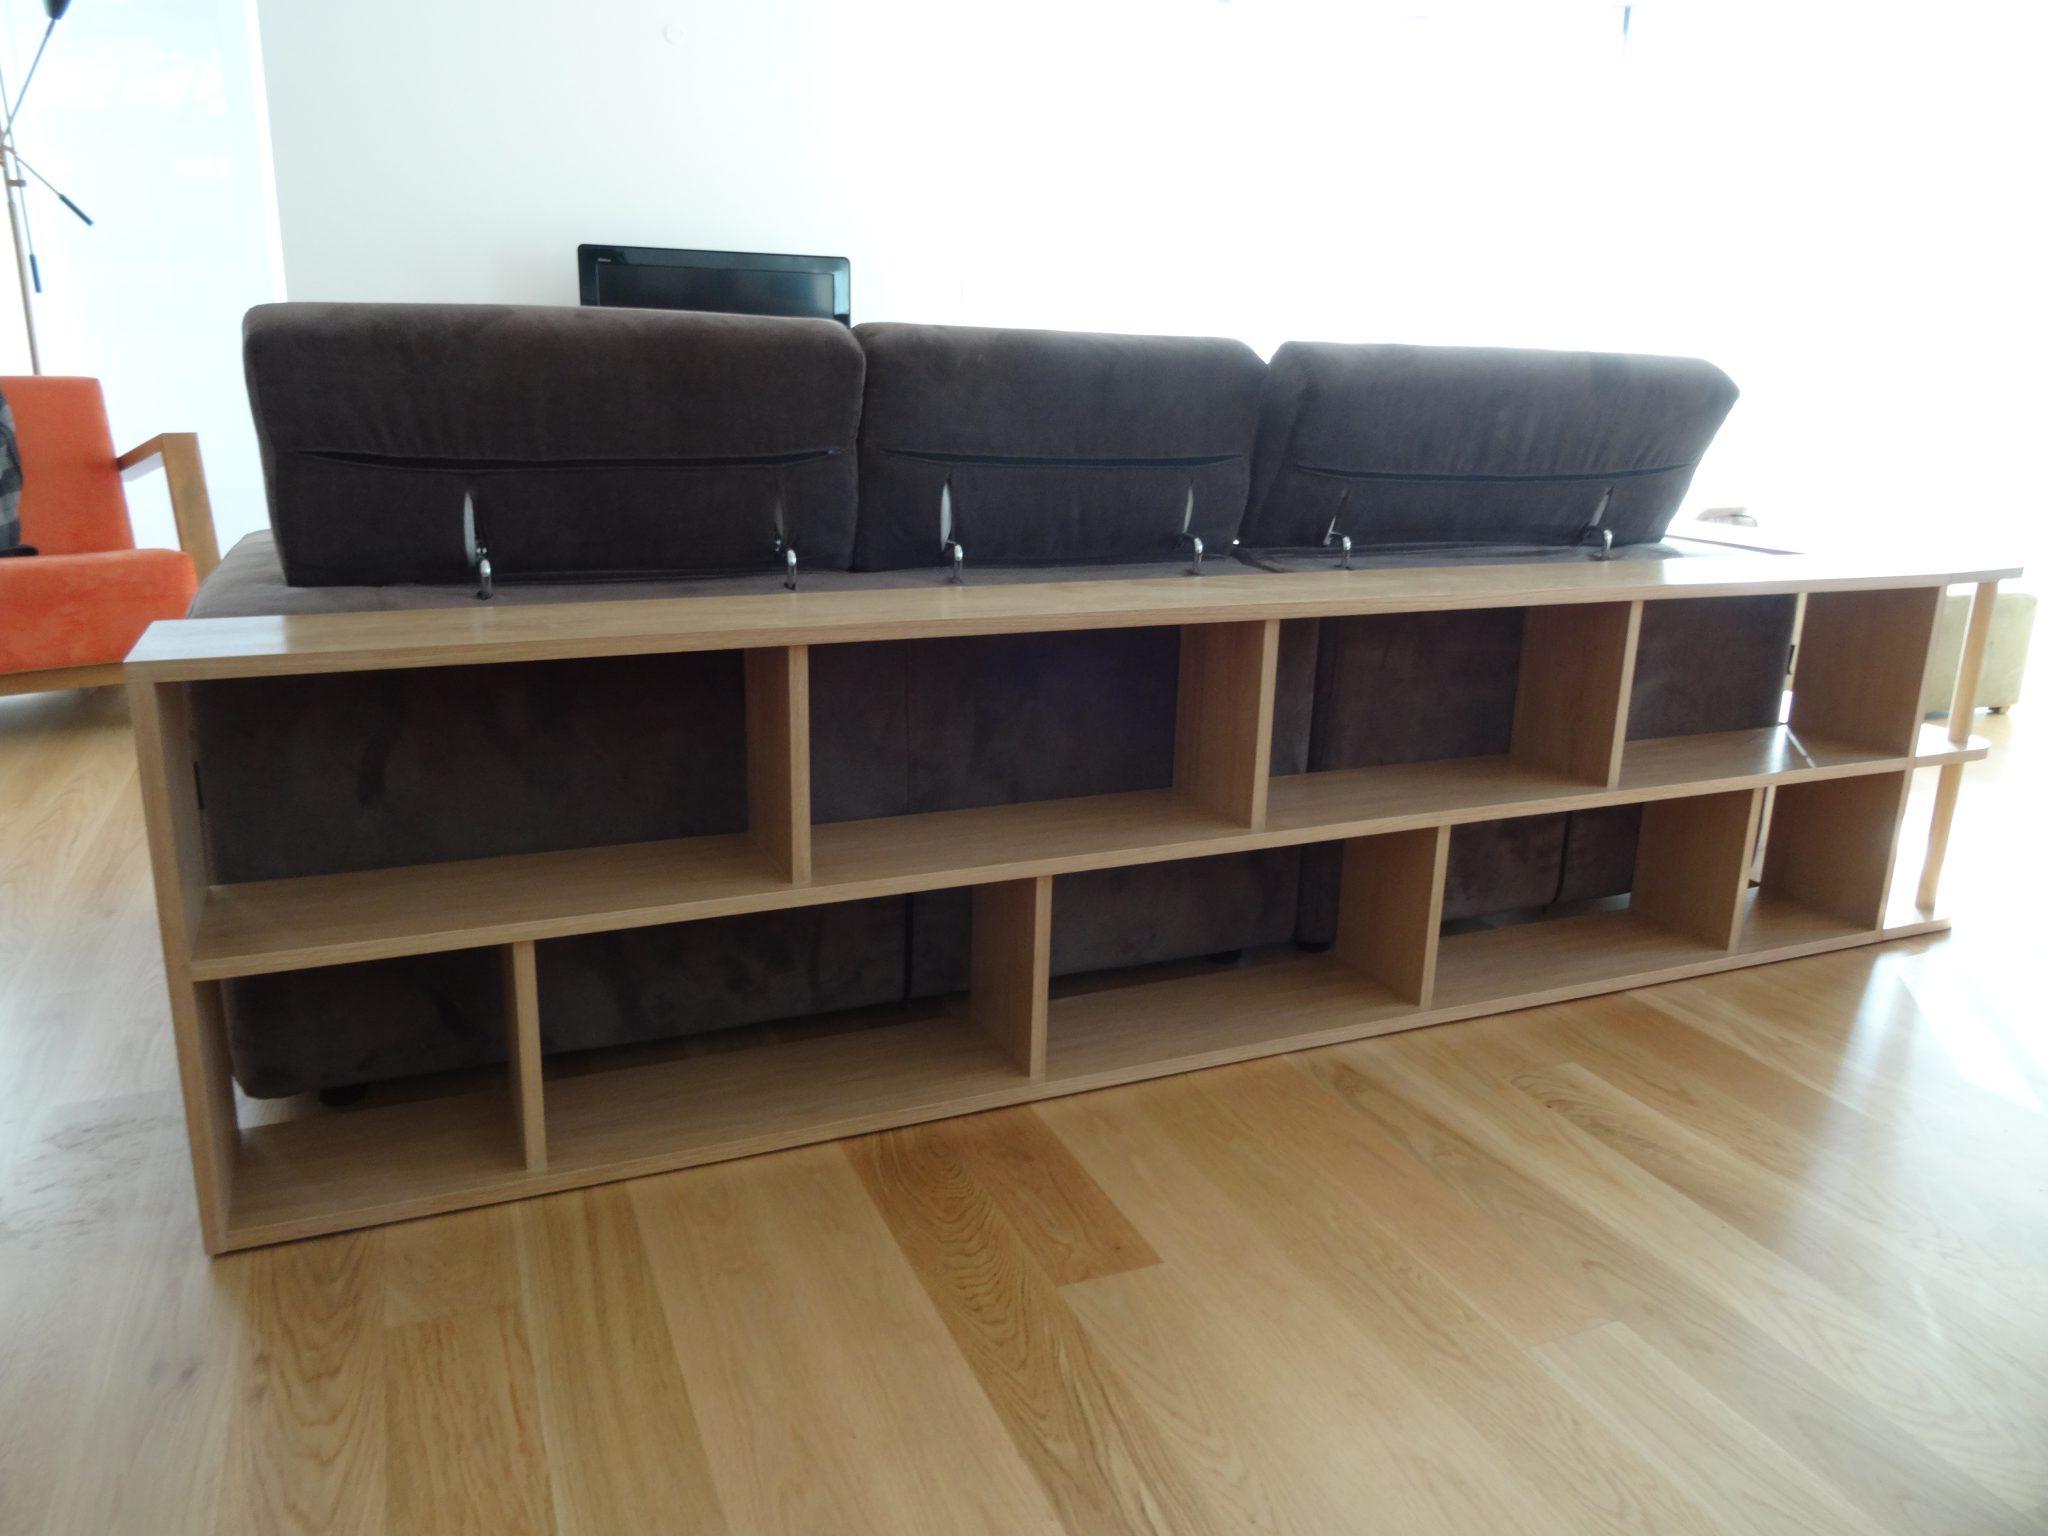 Estante em carvalho intagrado com o sofa - Bibliothèque en chêne intégré au canapé